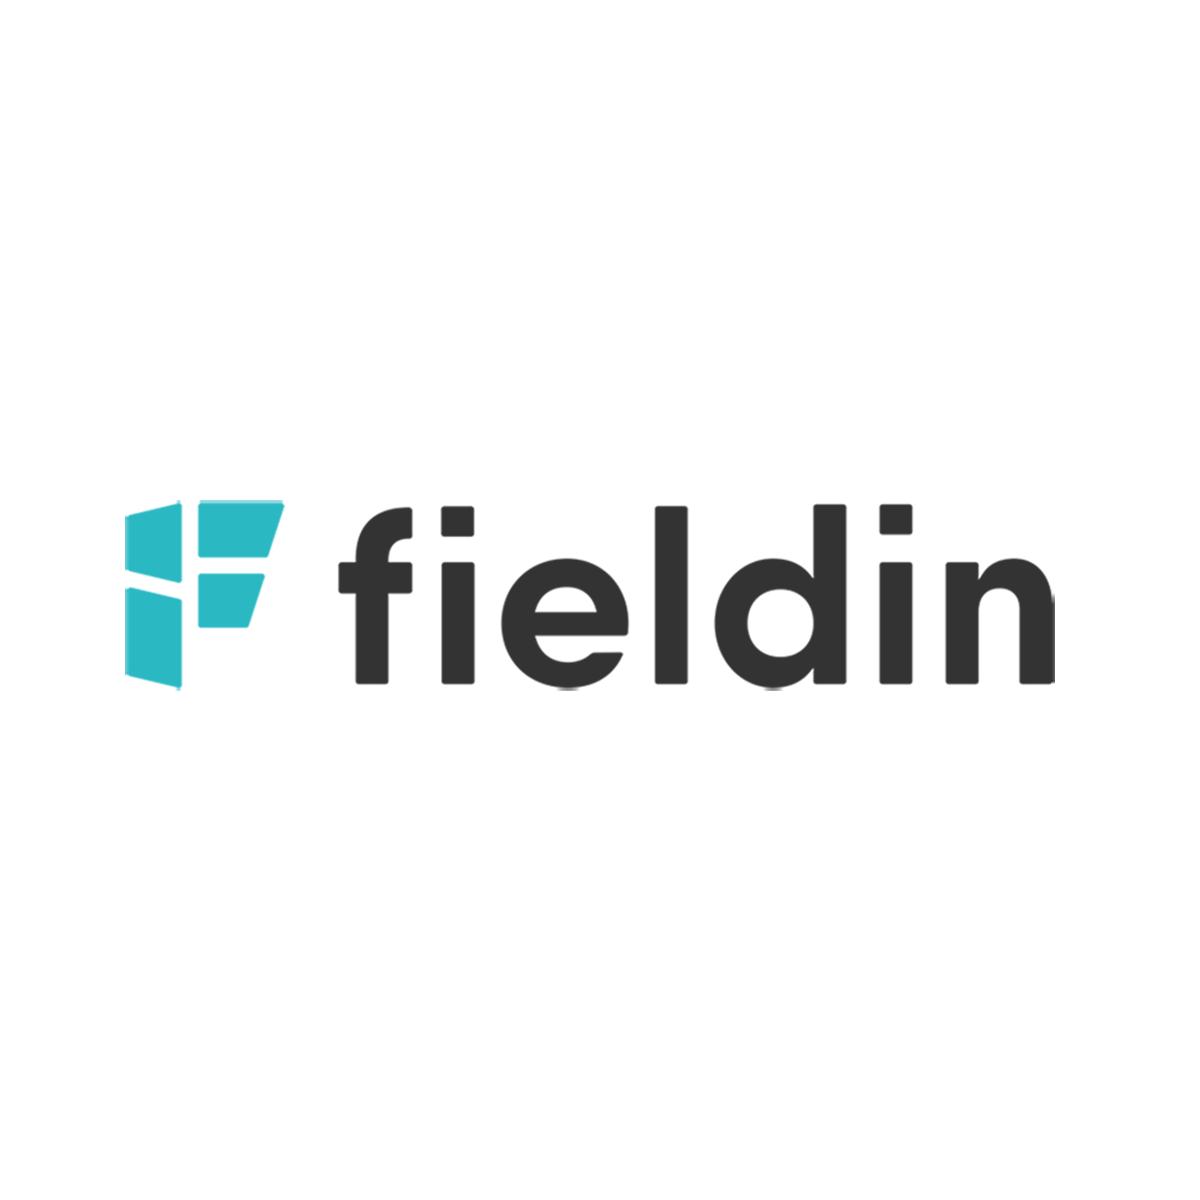 Fieldin